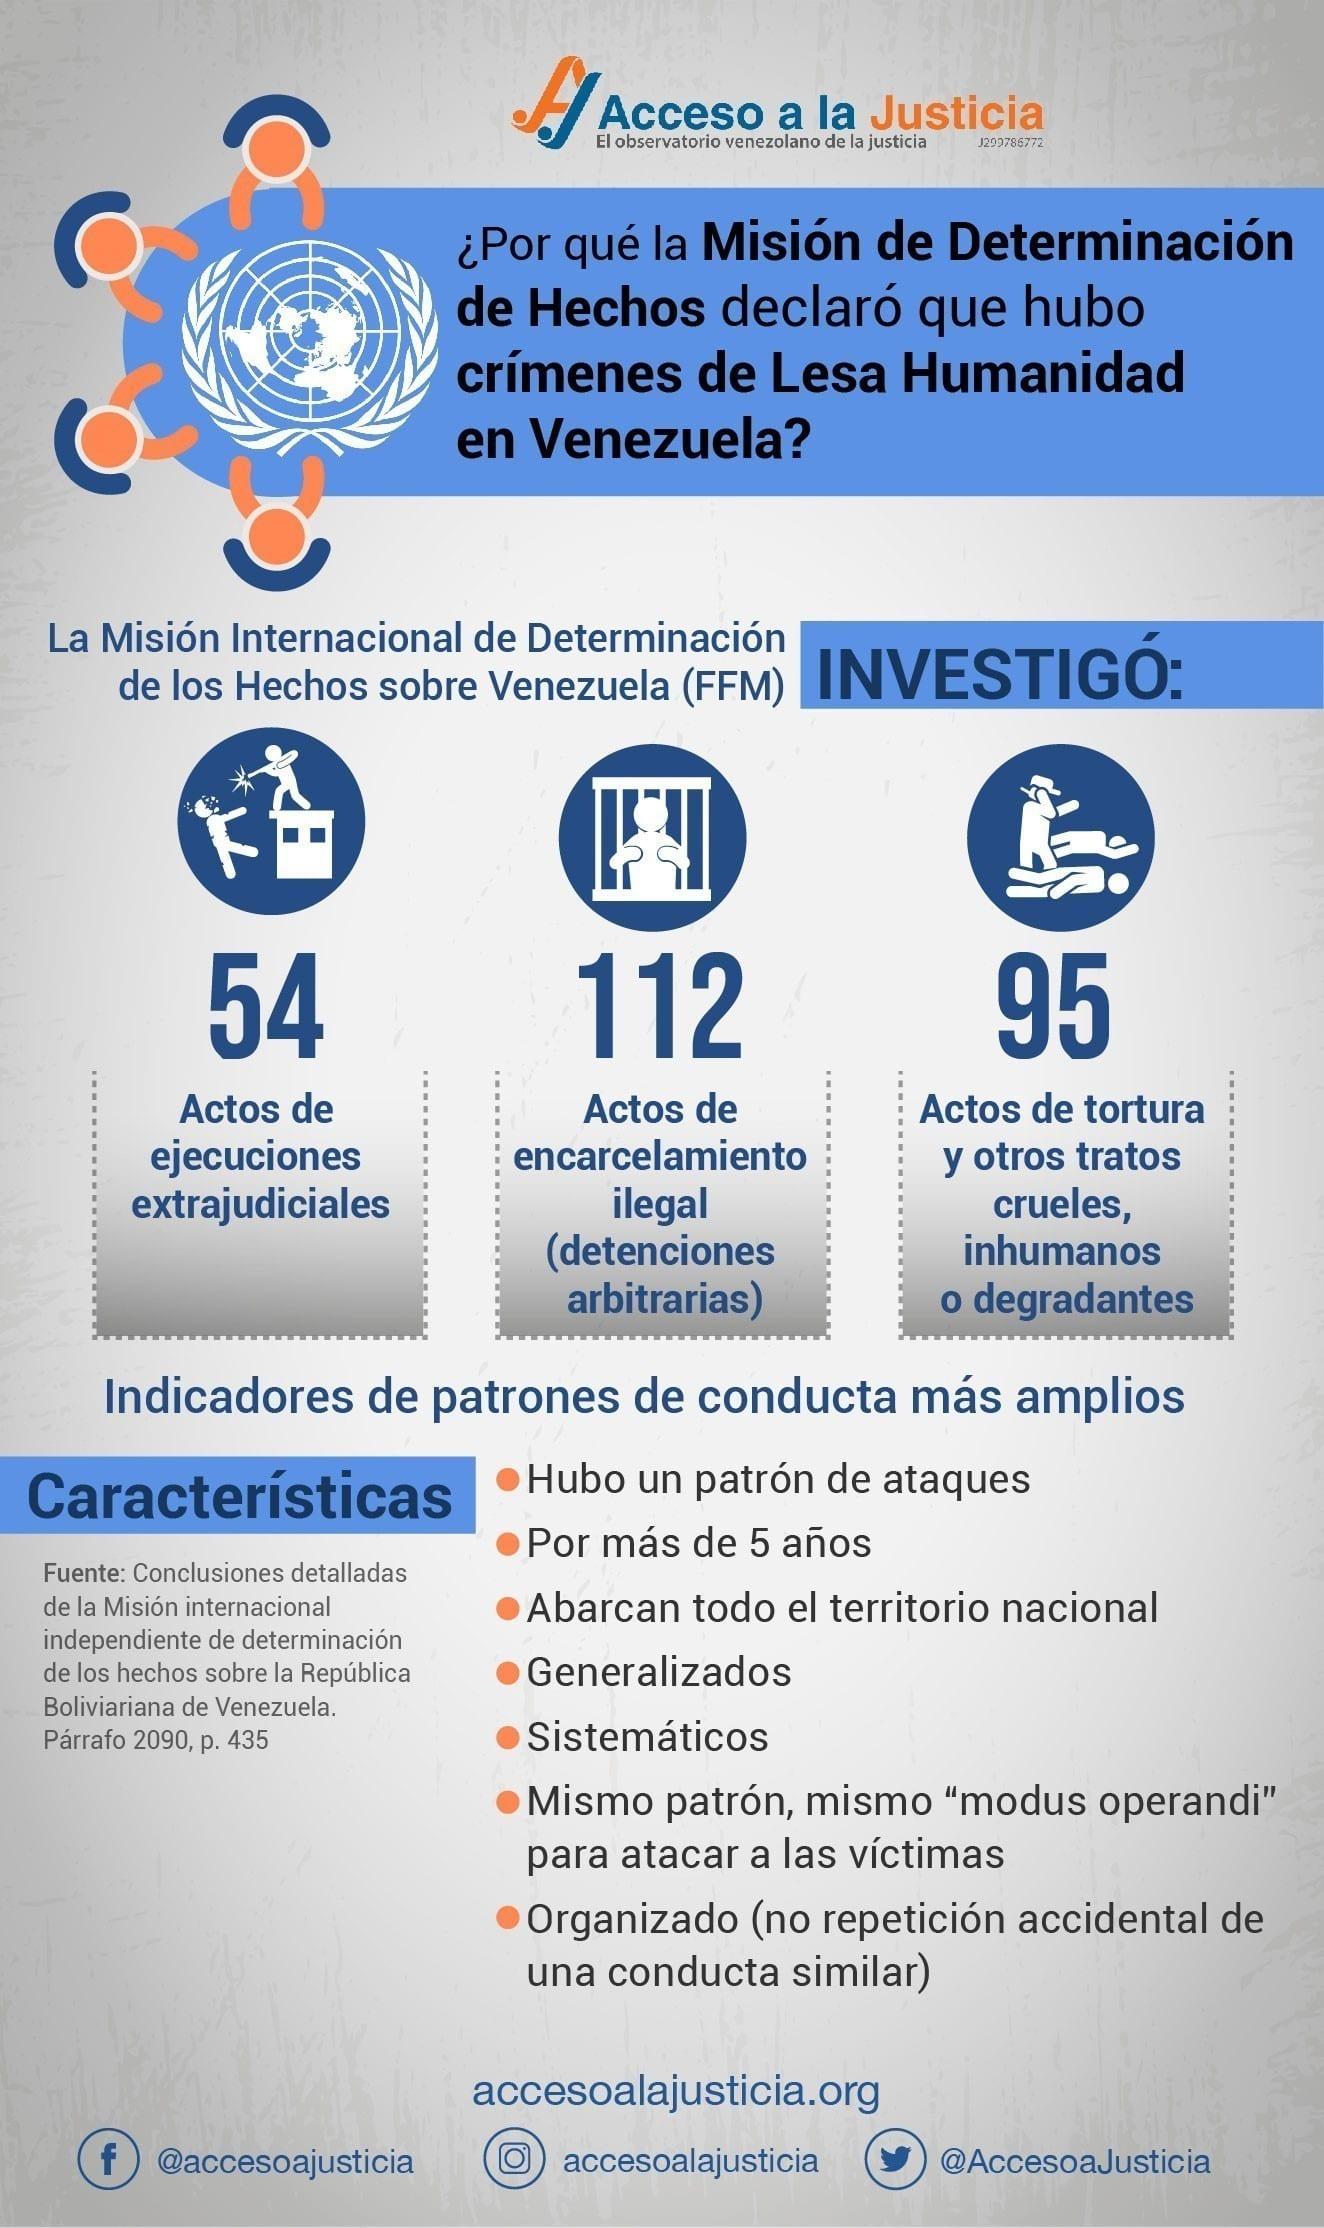 ¿Por qué la Misión de Determinación de Hechos declaró que hubo crímenes de Lesa Humanidad en Venezuela?